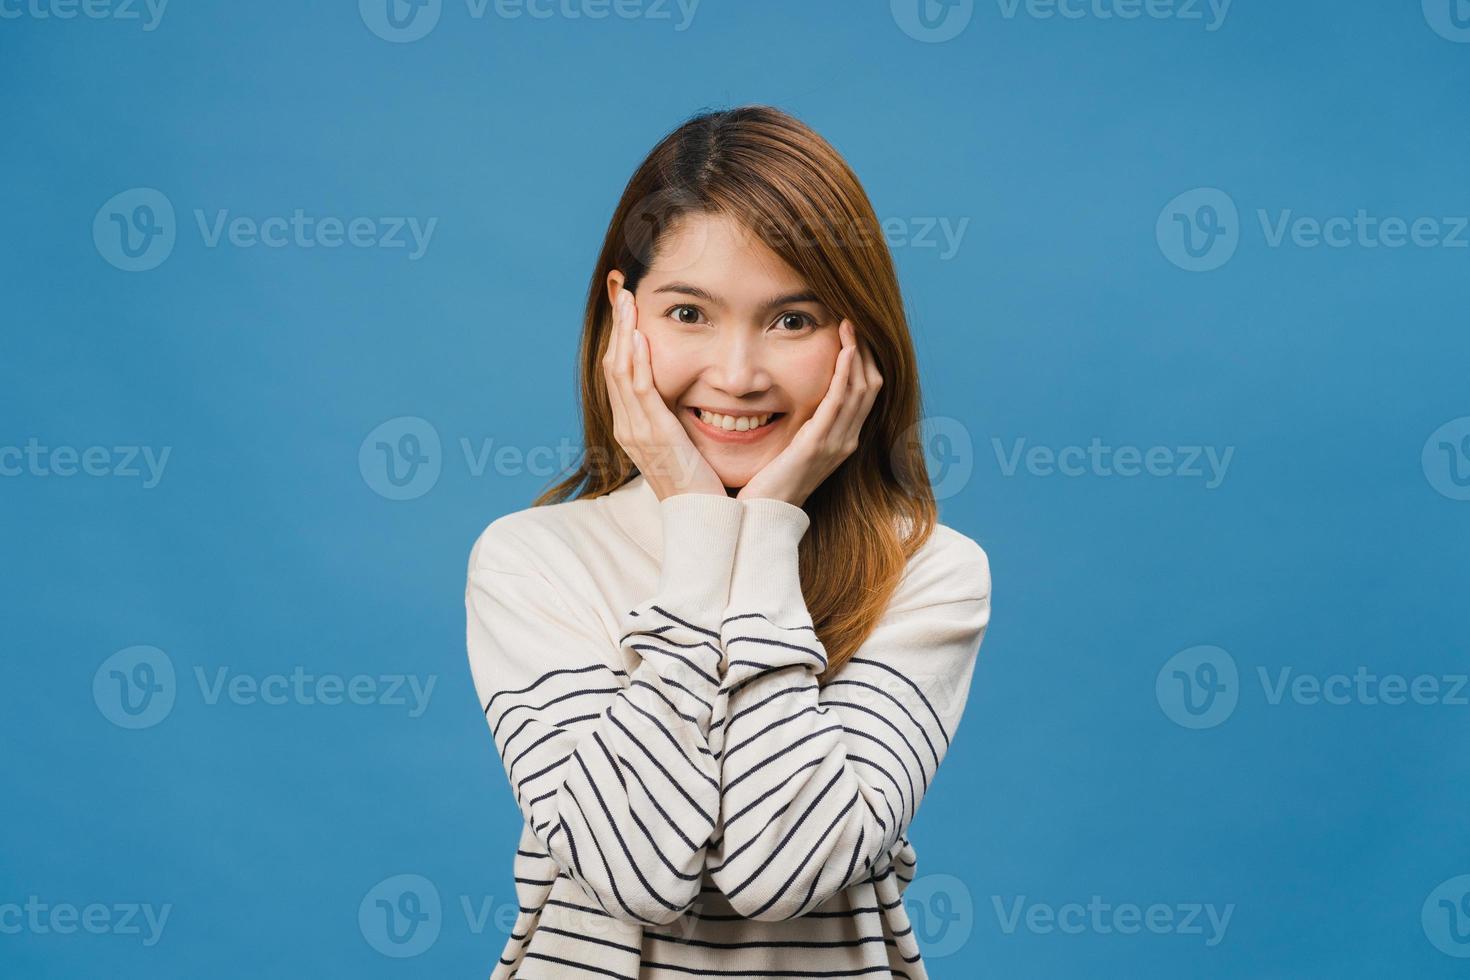 jovem asiática com expressão positiva, sorria amplamente, vestida com um pano casual e olha para a câmera isolada sobre fundo azul. feliz adorável feliz mulher alegra sucesso. conceito de expressão facial. foto